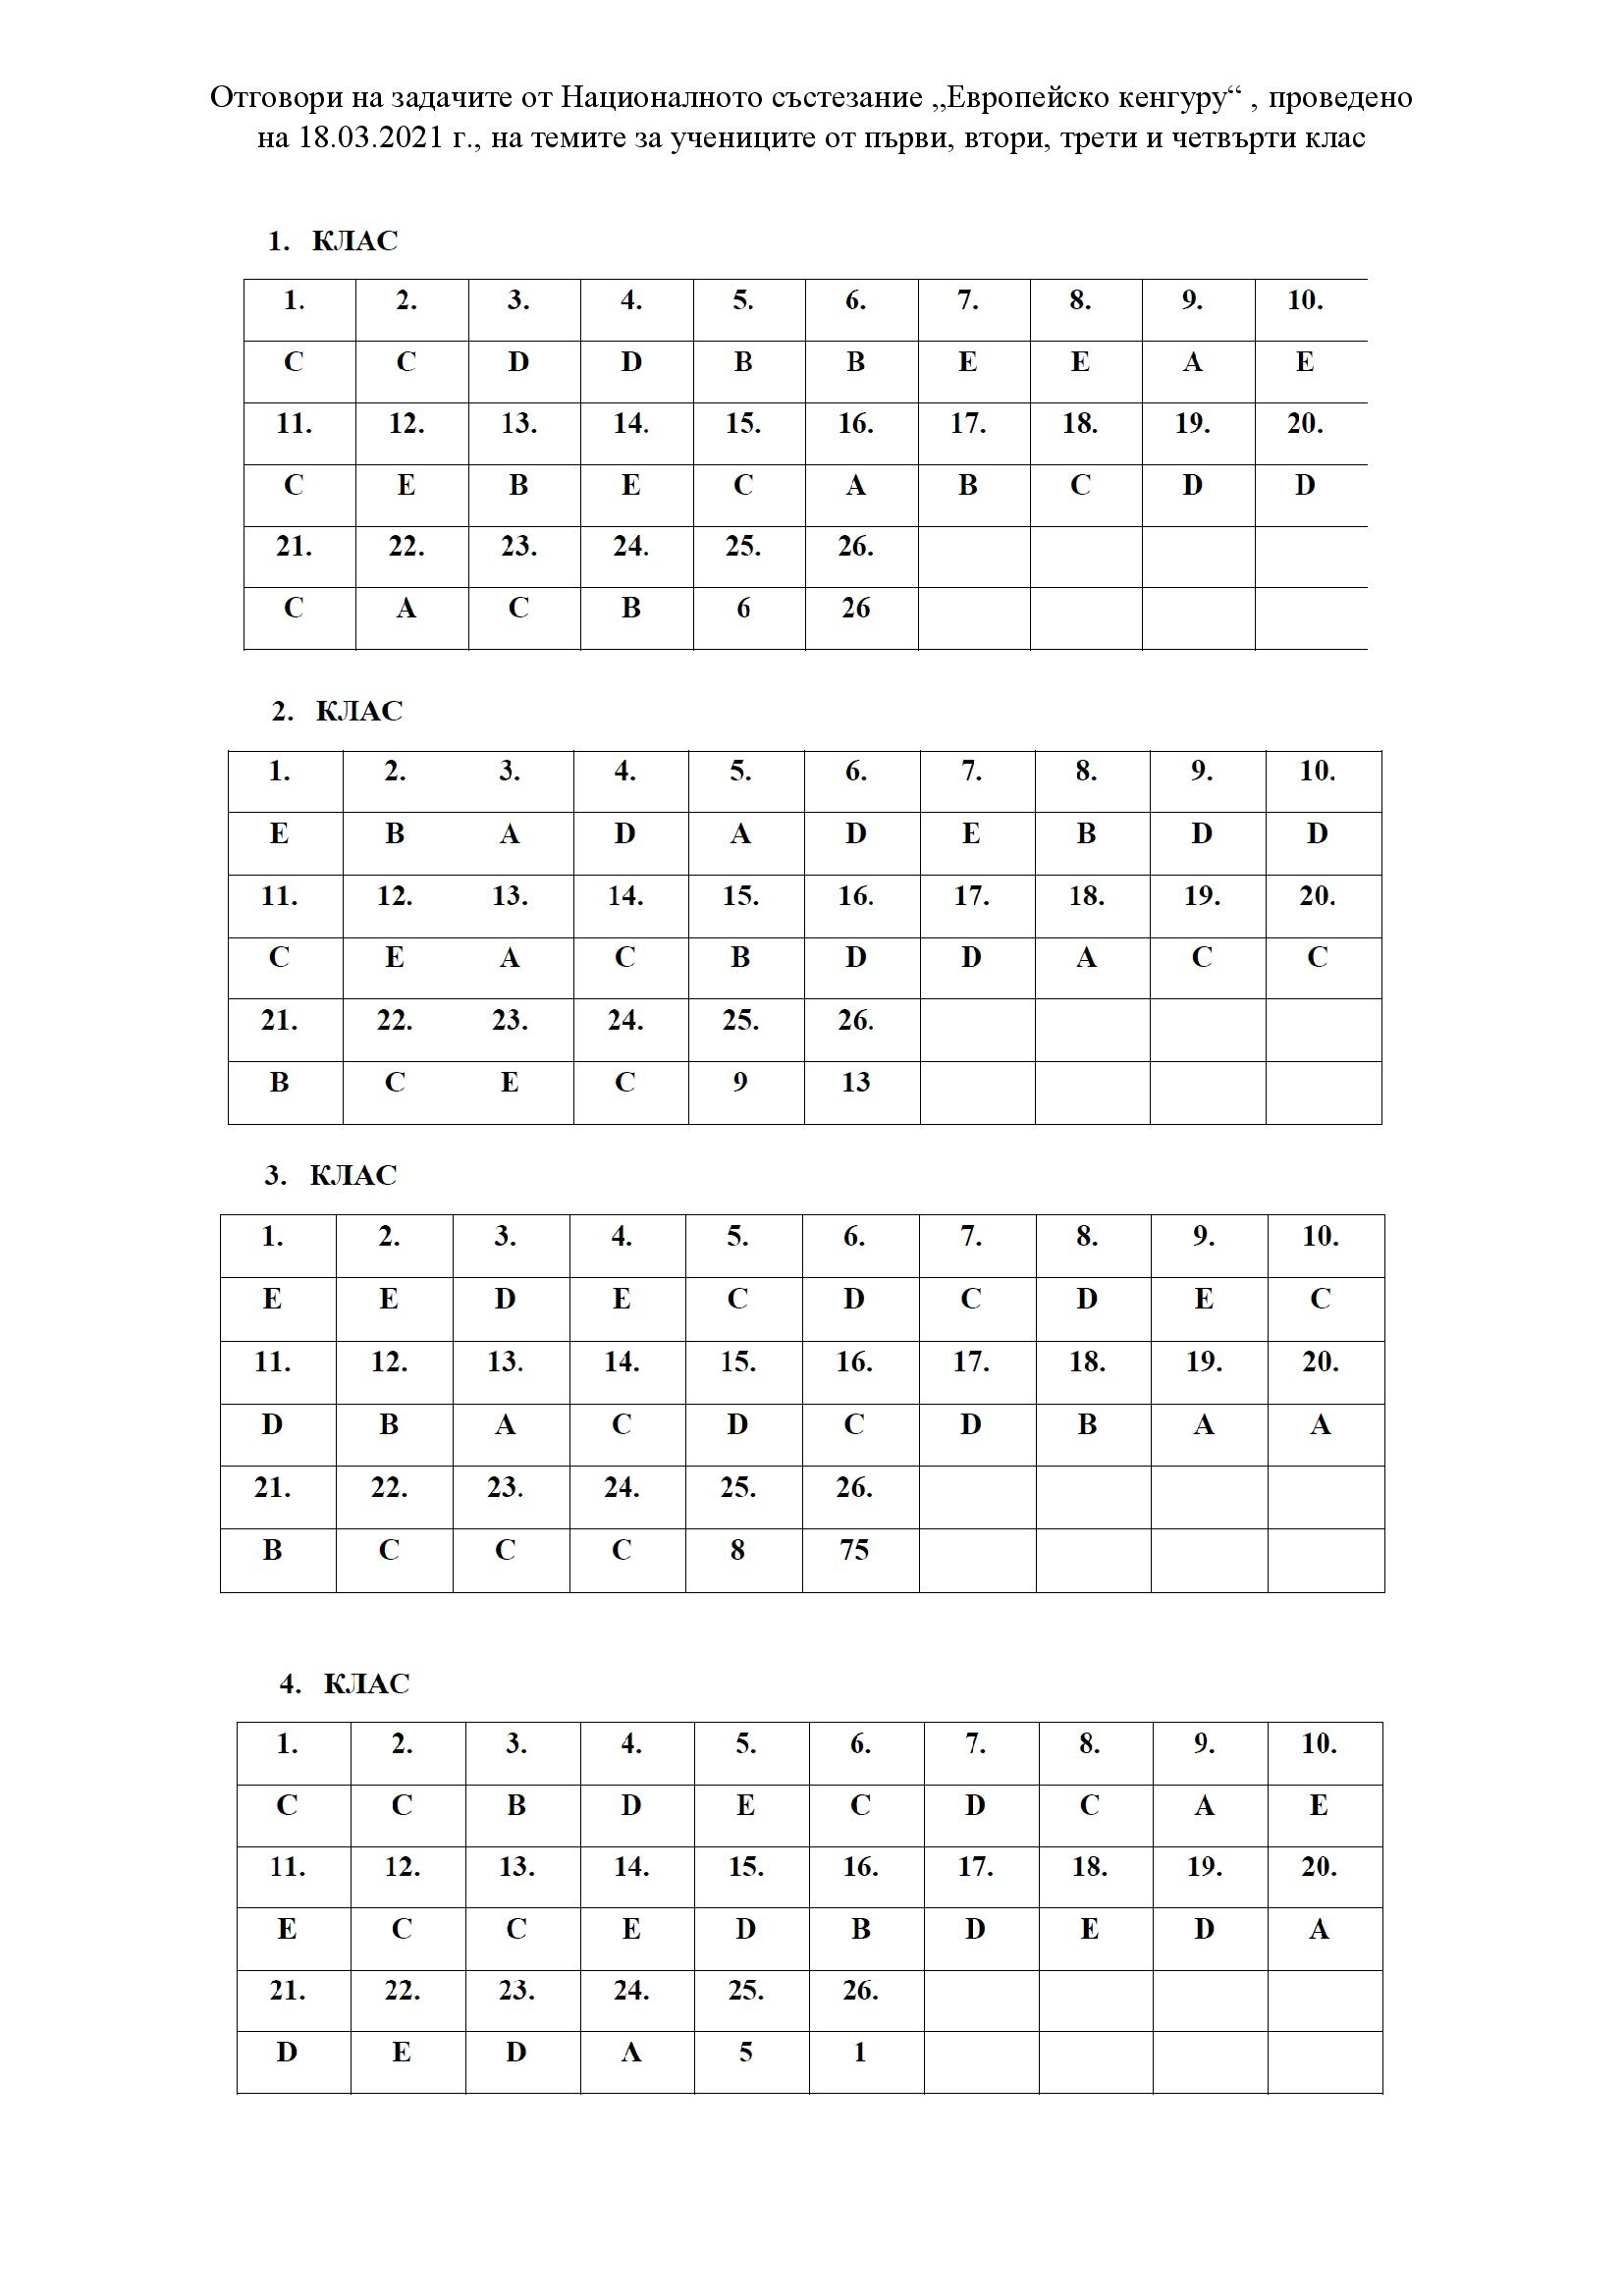 Отговори от математическо състезание Европейско кенгуру I-IV клас, 2021 година